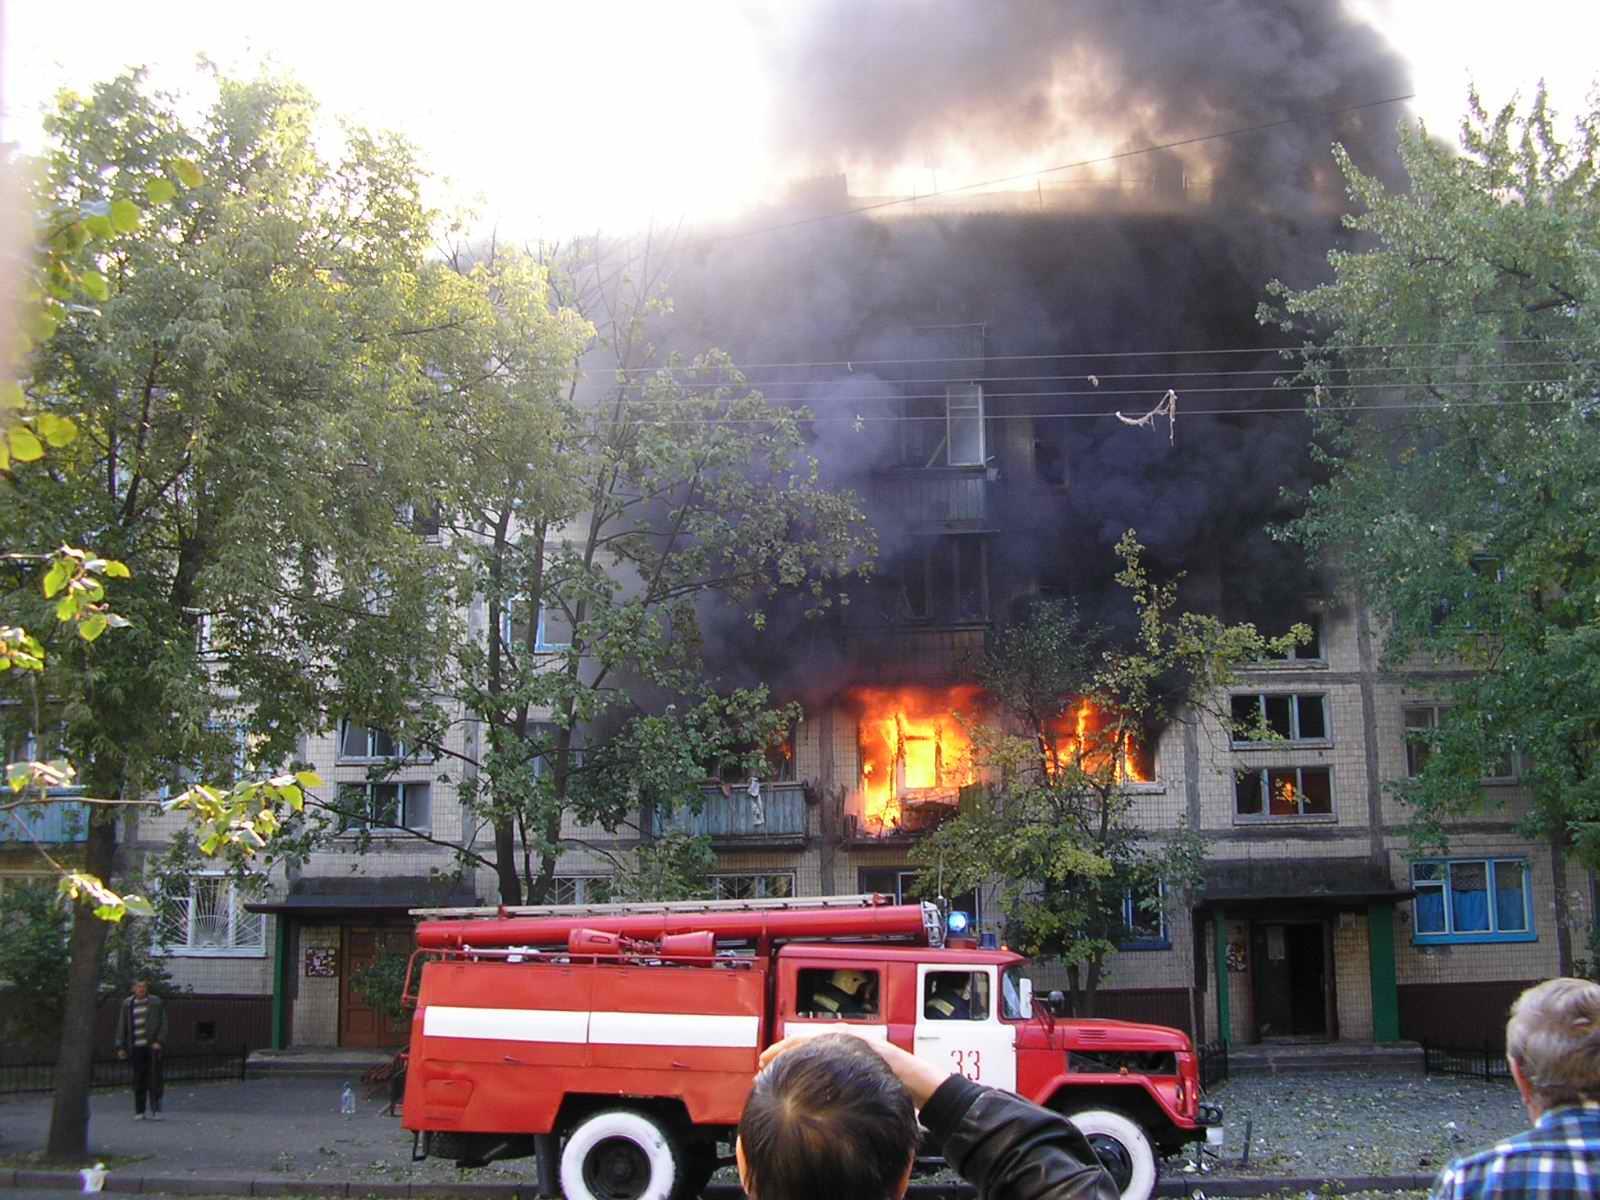 Комплексная тренировка с участием комиссии по предупреждению и ликвидации ЧС и обеспечения пожарной безопасности Калининского района Санкт-Петербурга